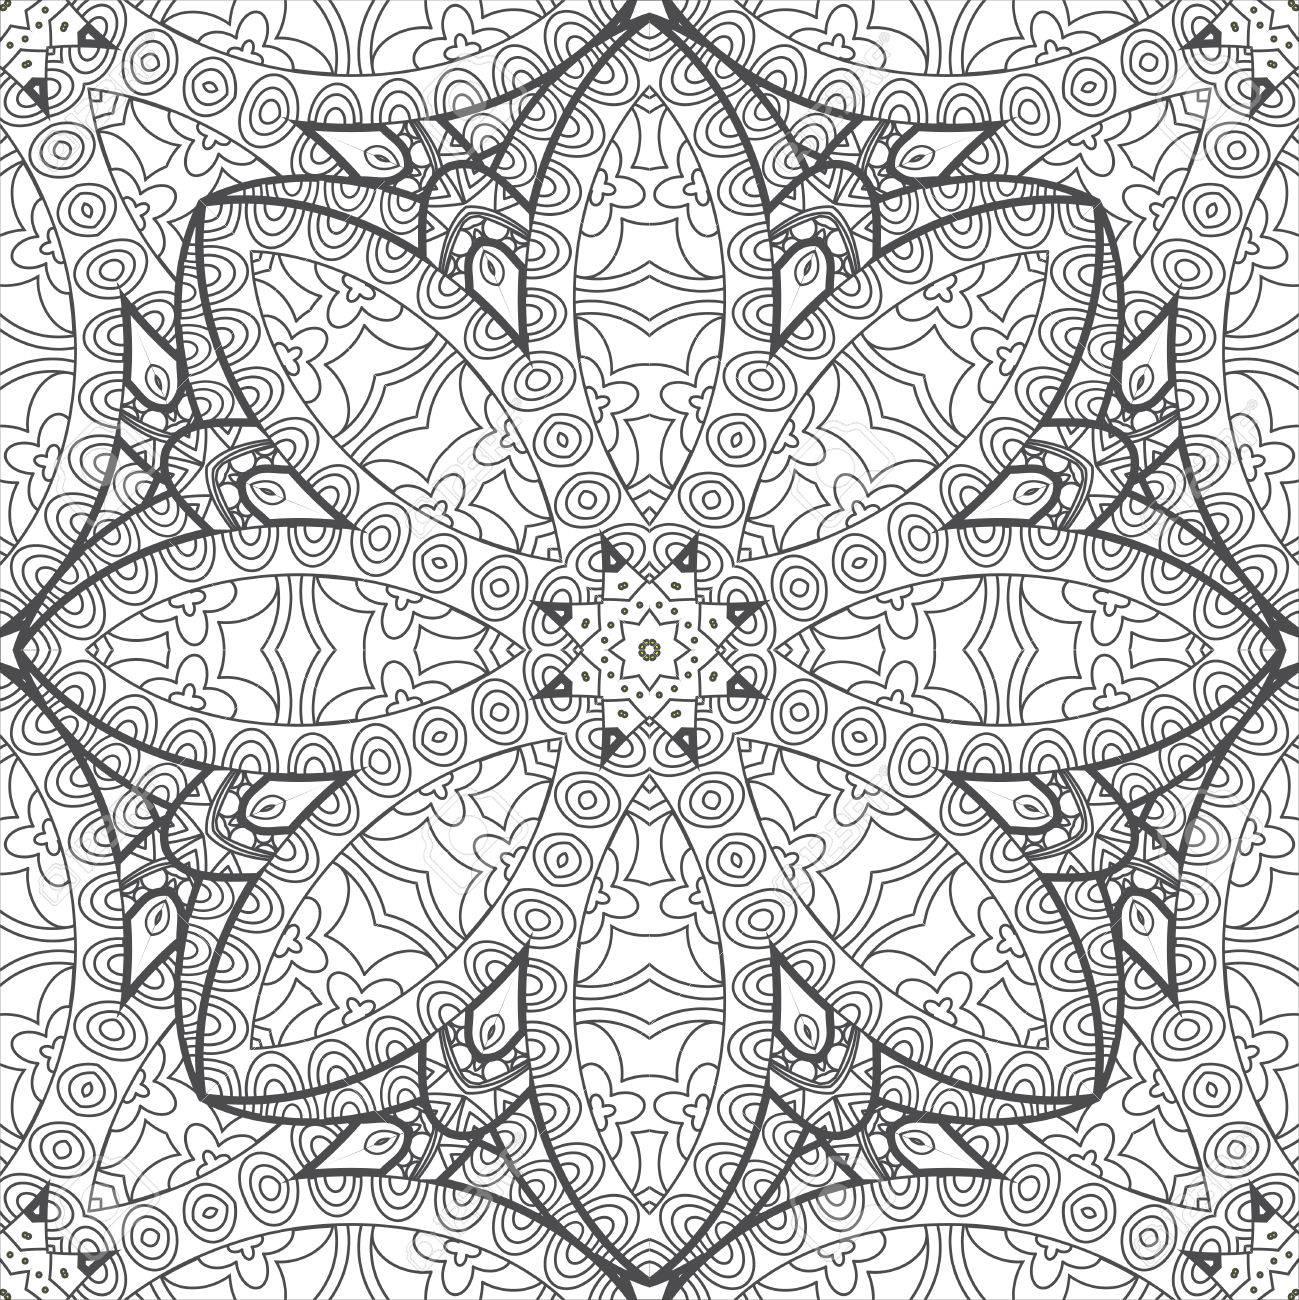 Blumen-Mandala Ornament Malvorlagen Für Kinder Und Erwachsene ...